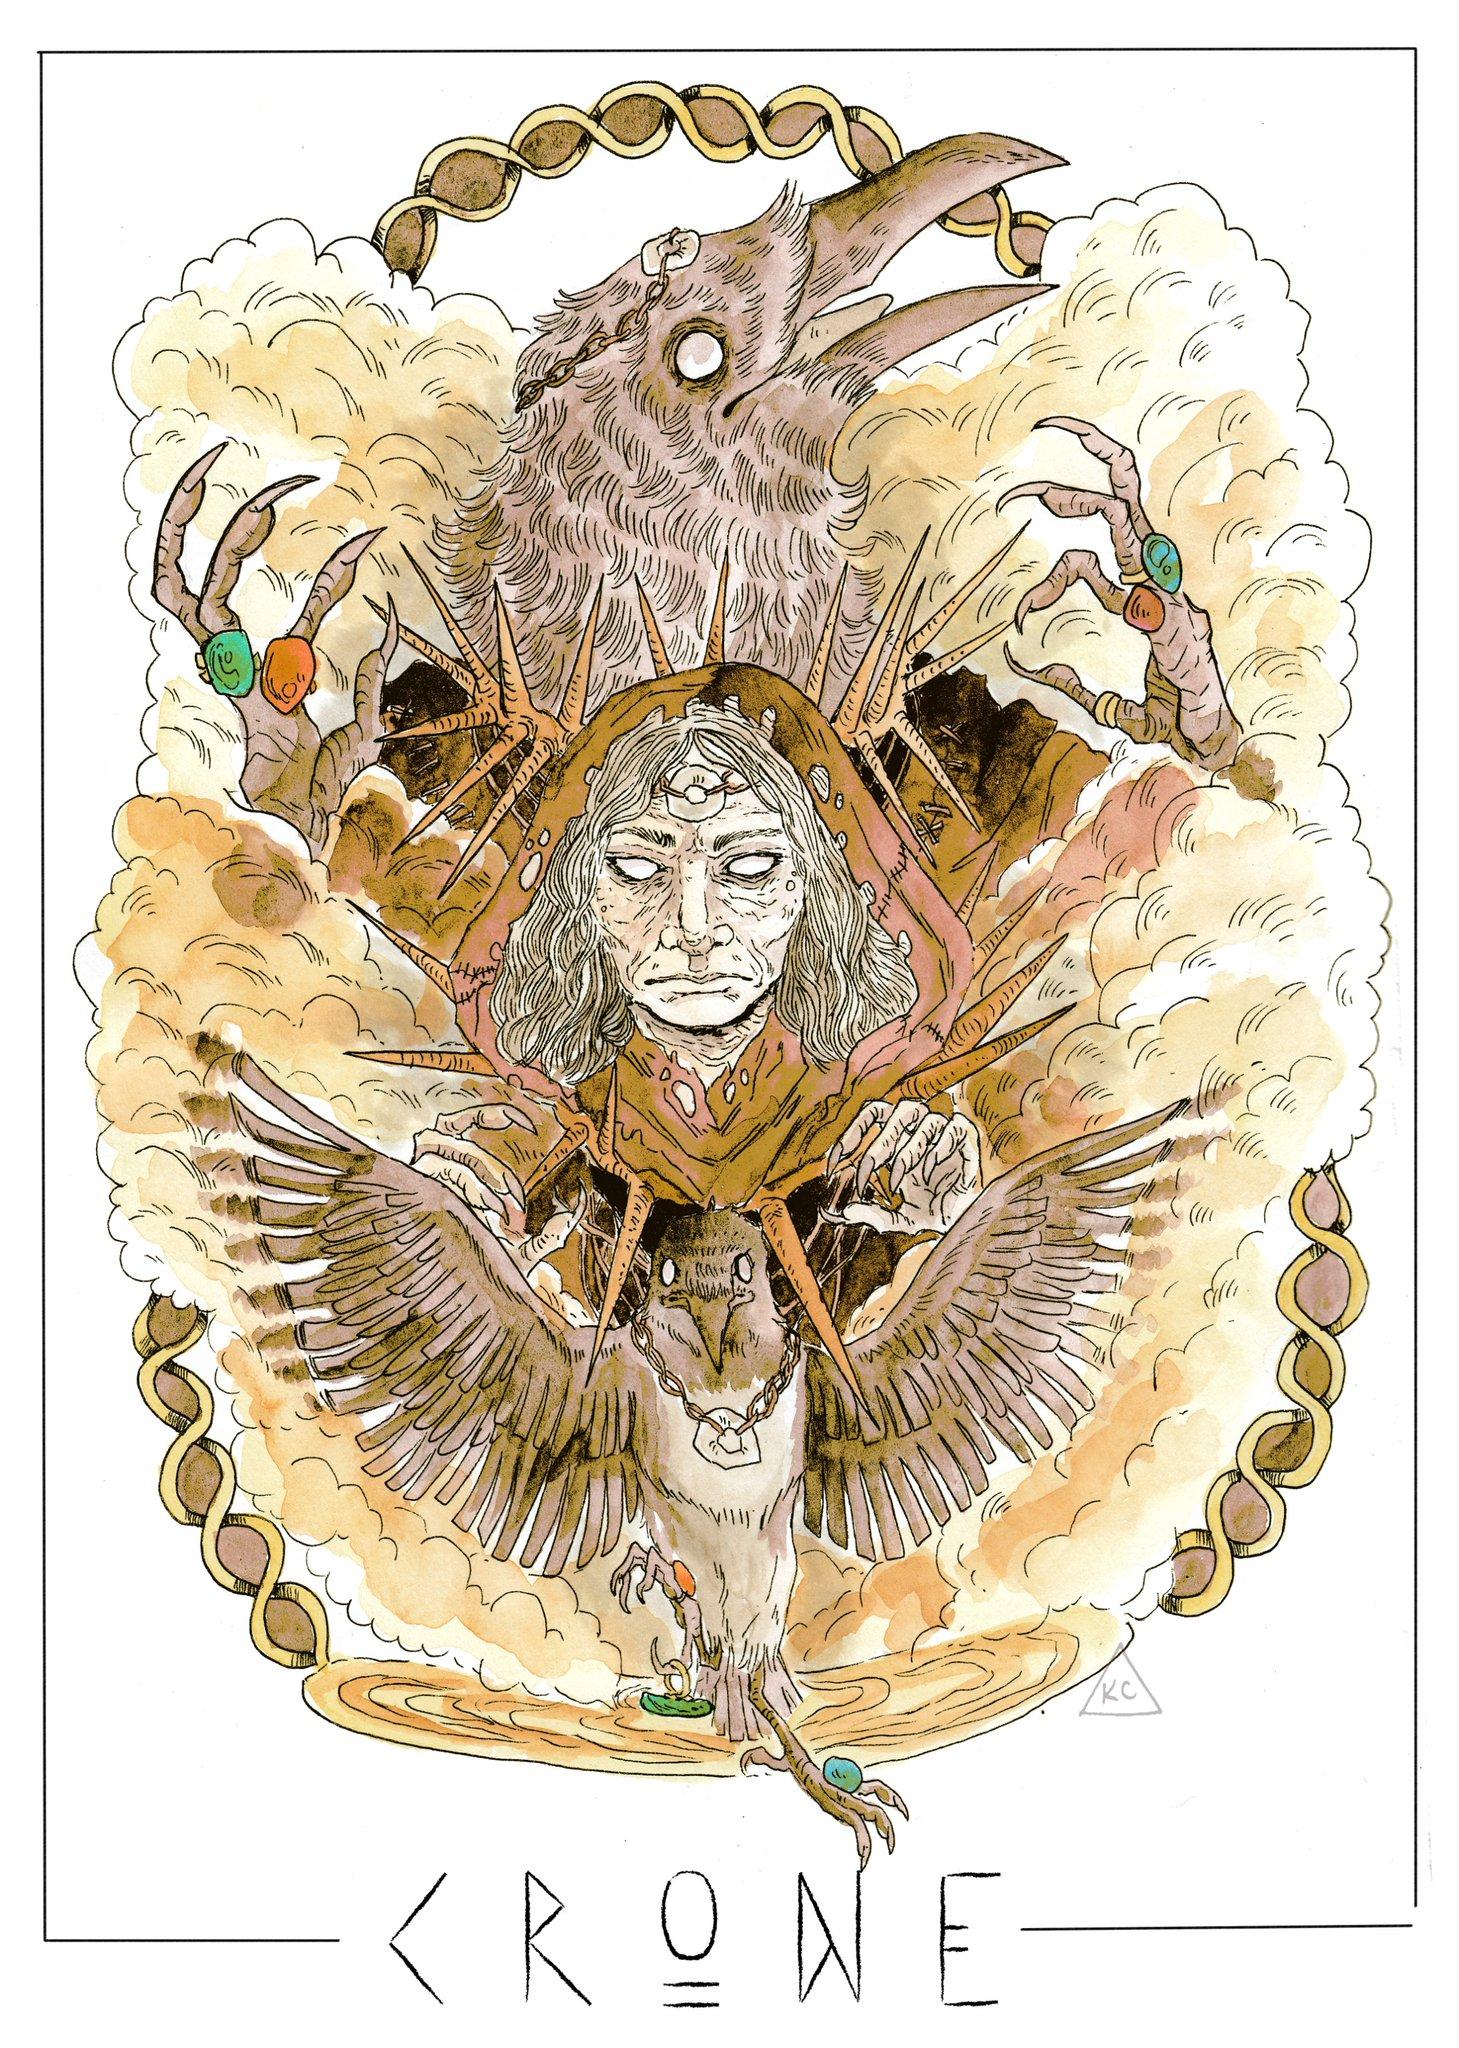 kayla-cline sempre il png Crone, corvo mannaro, per Trapped In The Birdcage - by Kayla Cline www.kaylacline.com (2018-03) © dell'autore, tutti i diritti riservati